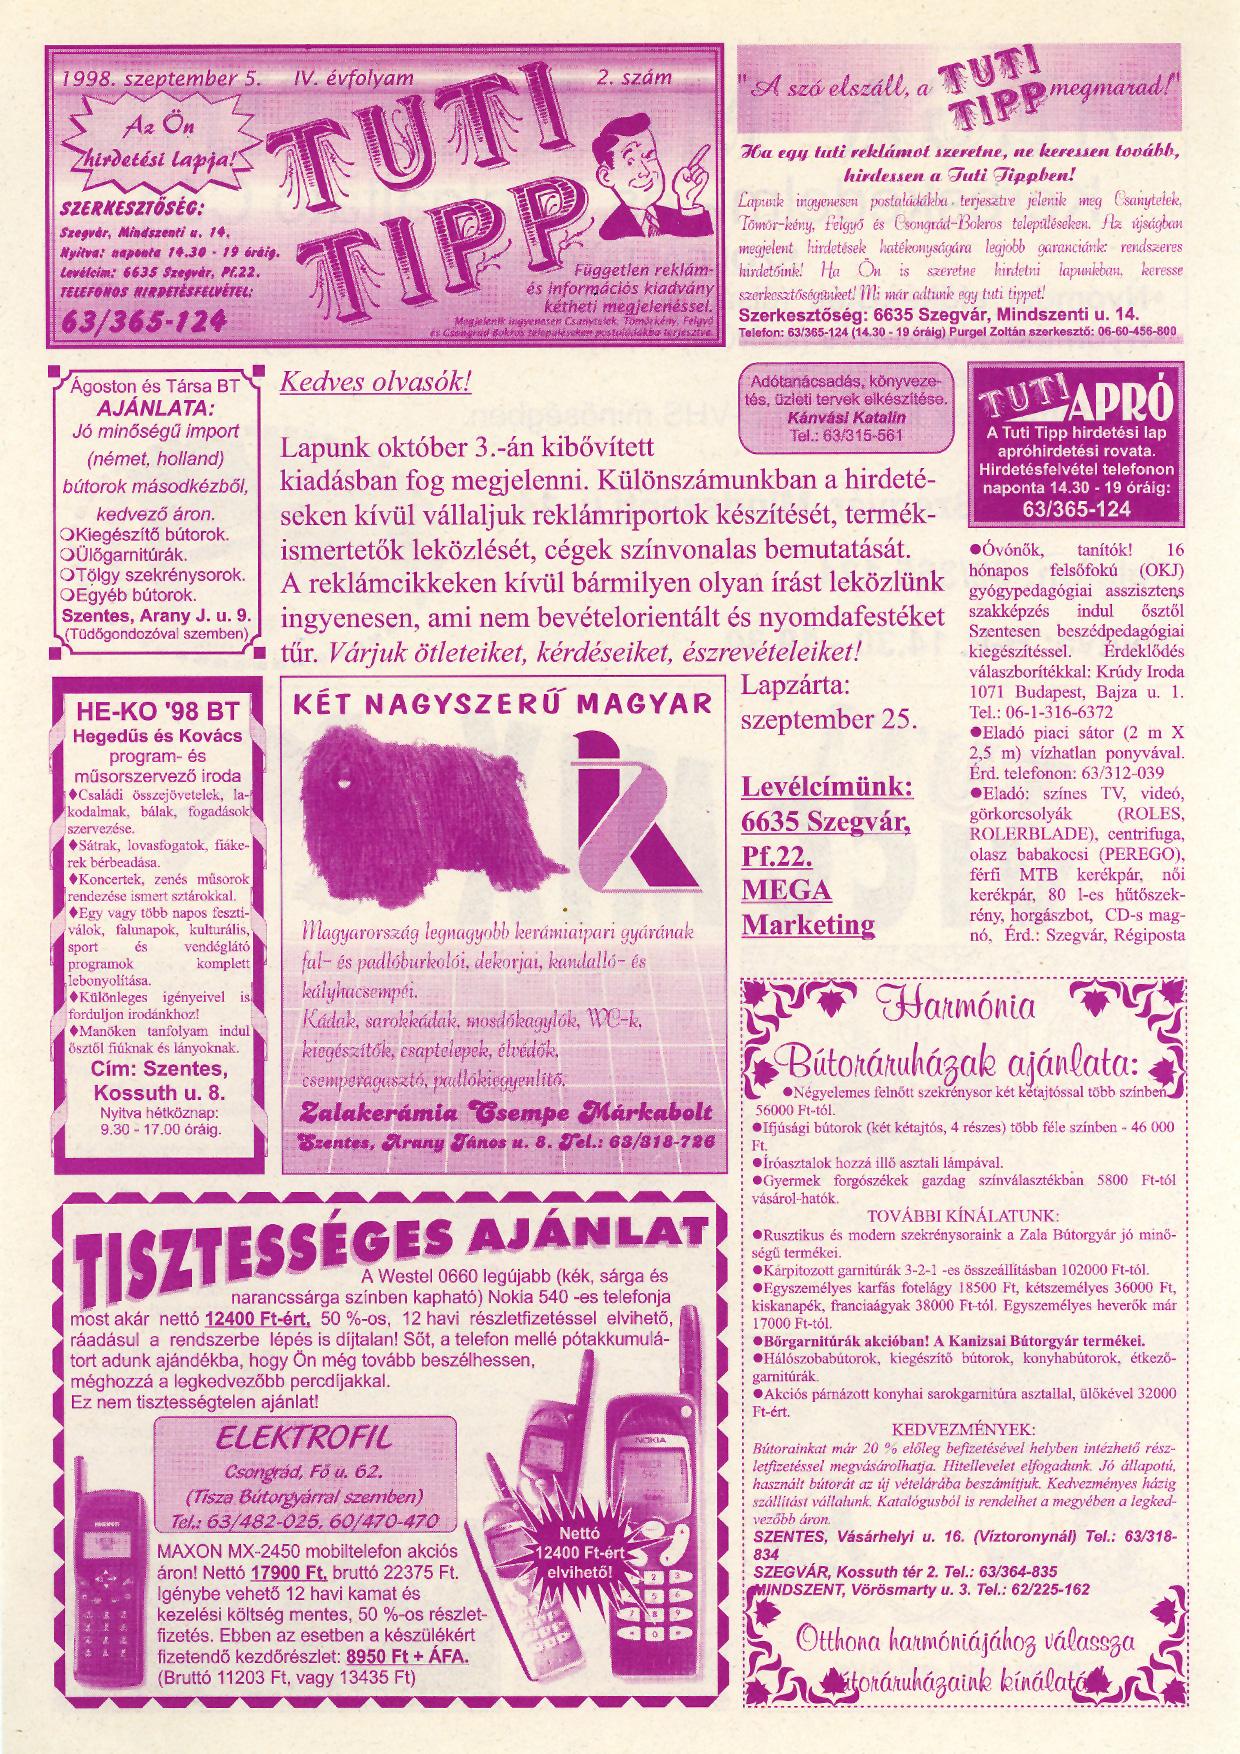 037 Tuti Tipp reklámújság - 19980905-002. lapszám - 1.oldal - IV. évfolyam.jpg